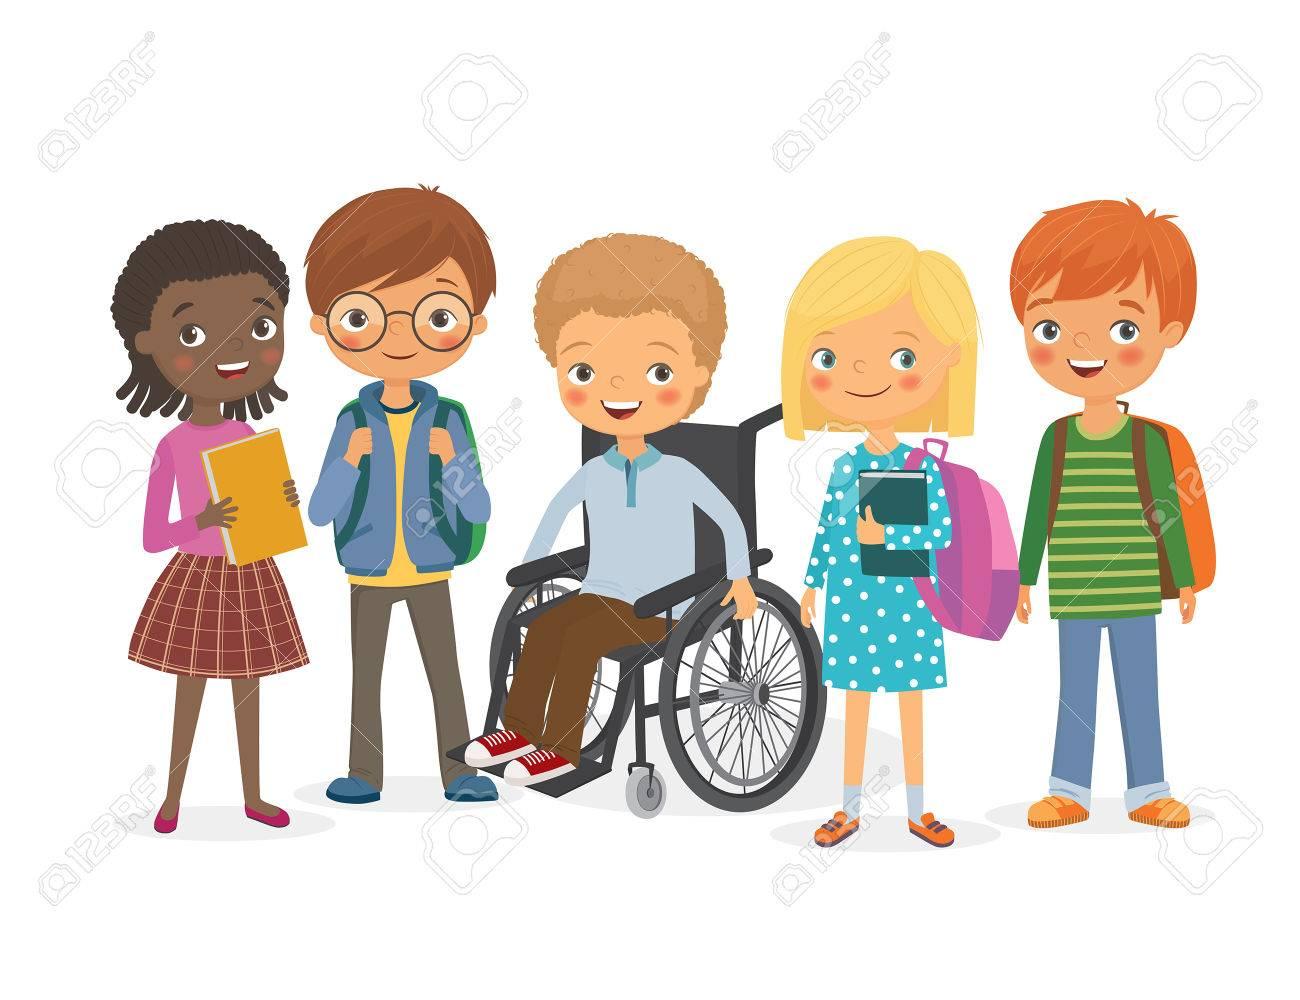 Niños discapacitados en una silla de ruedas con sus amigos. Pupilas niñas y niños. Niños internacionales con mochilas y libros con su amigo, un